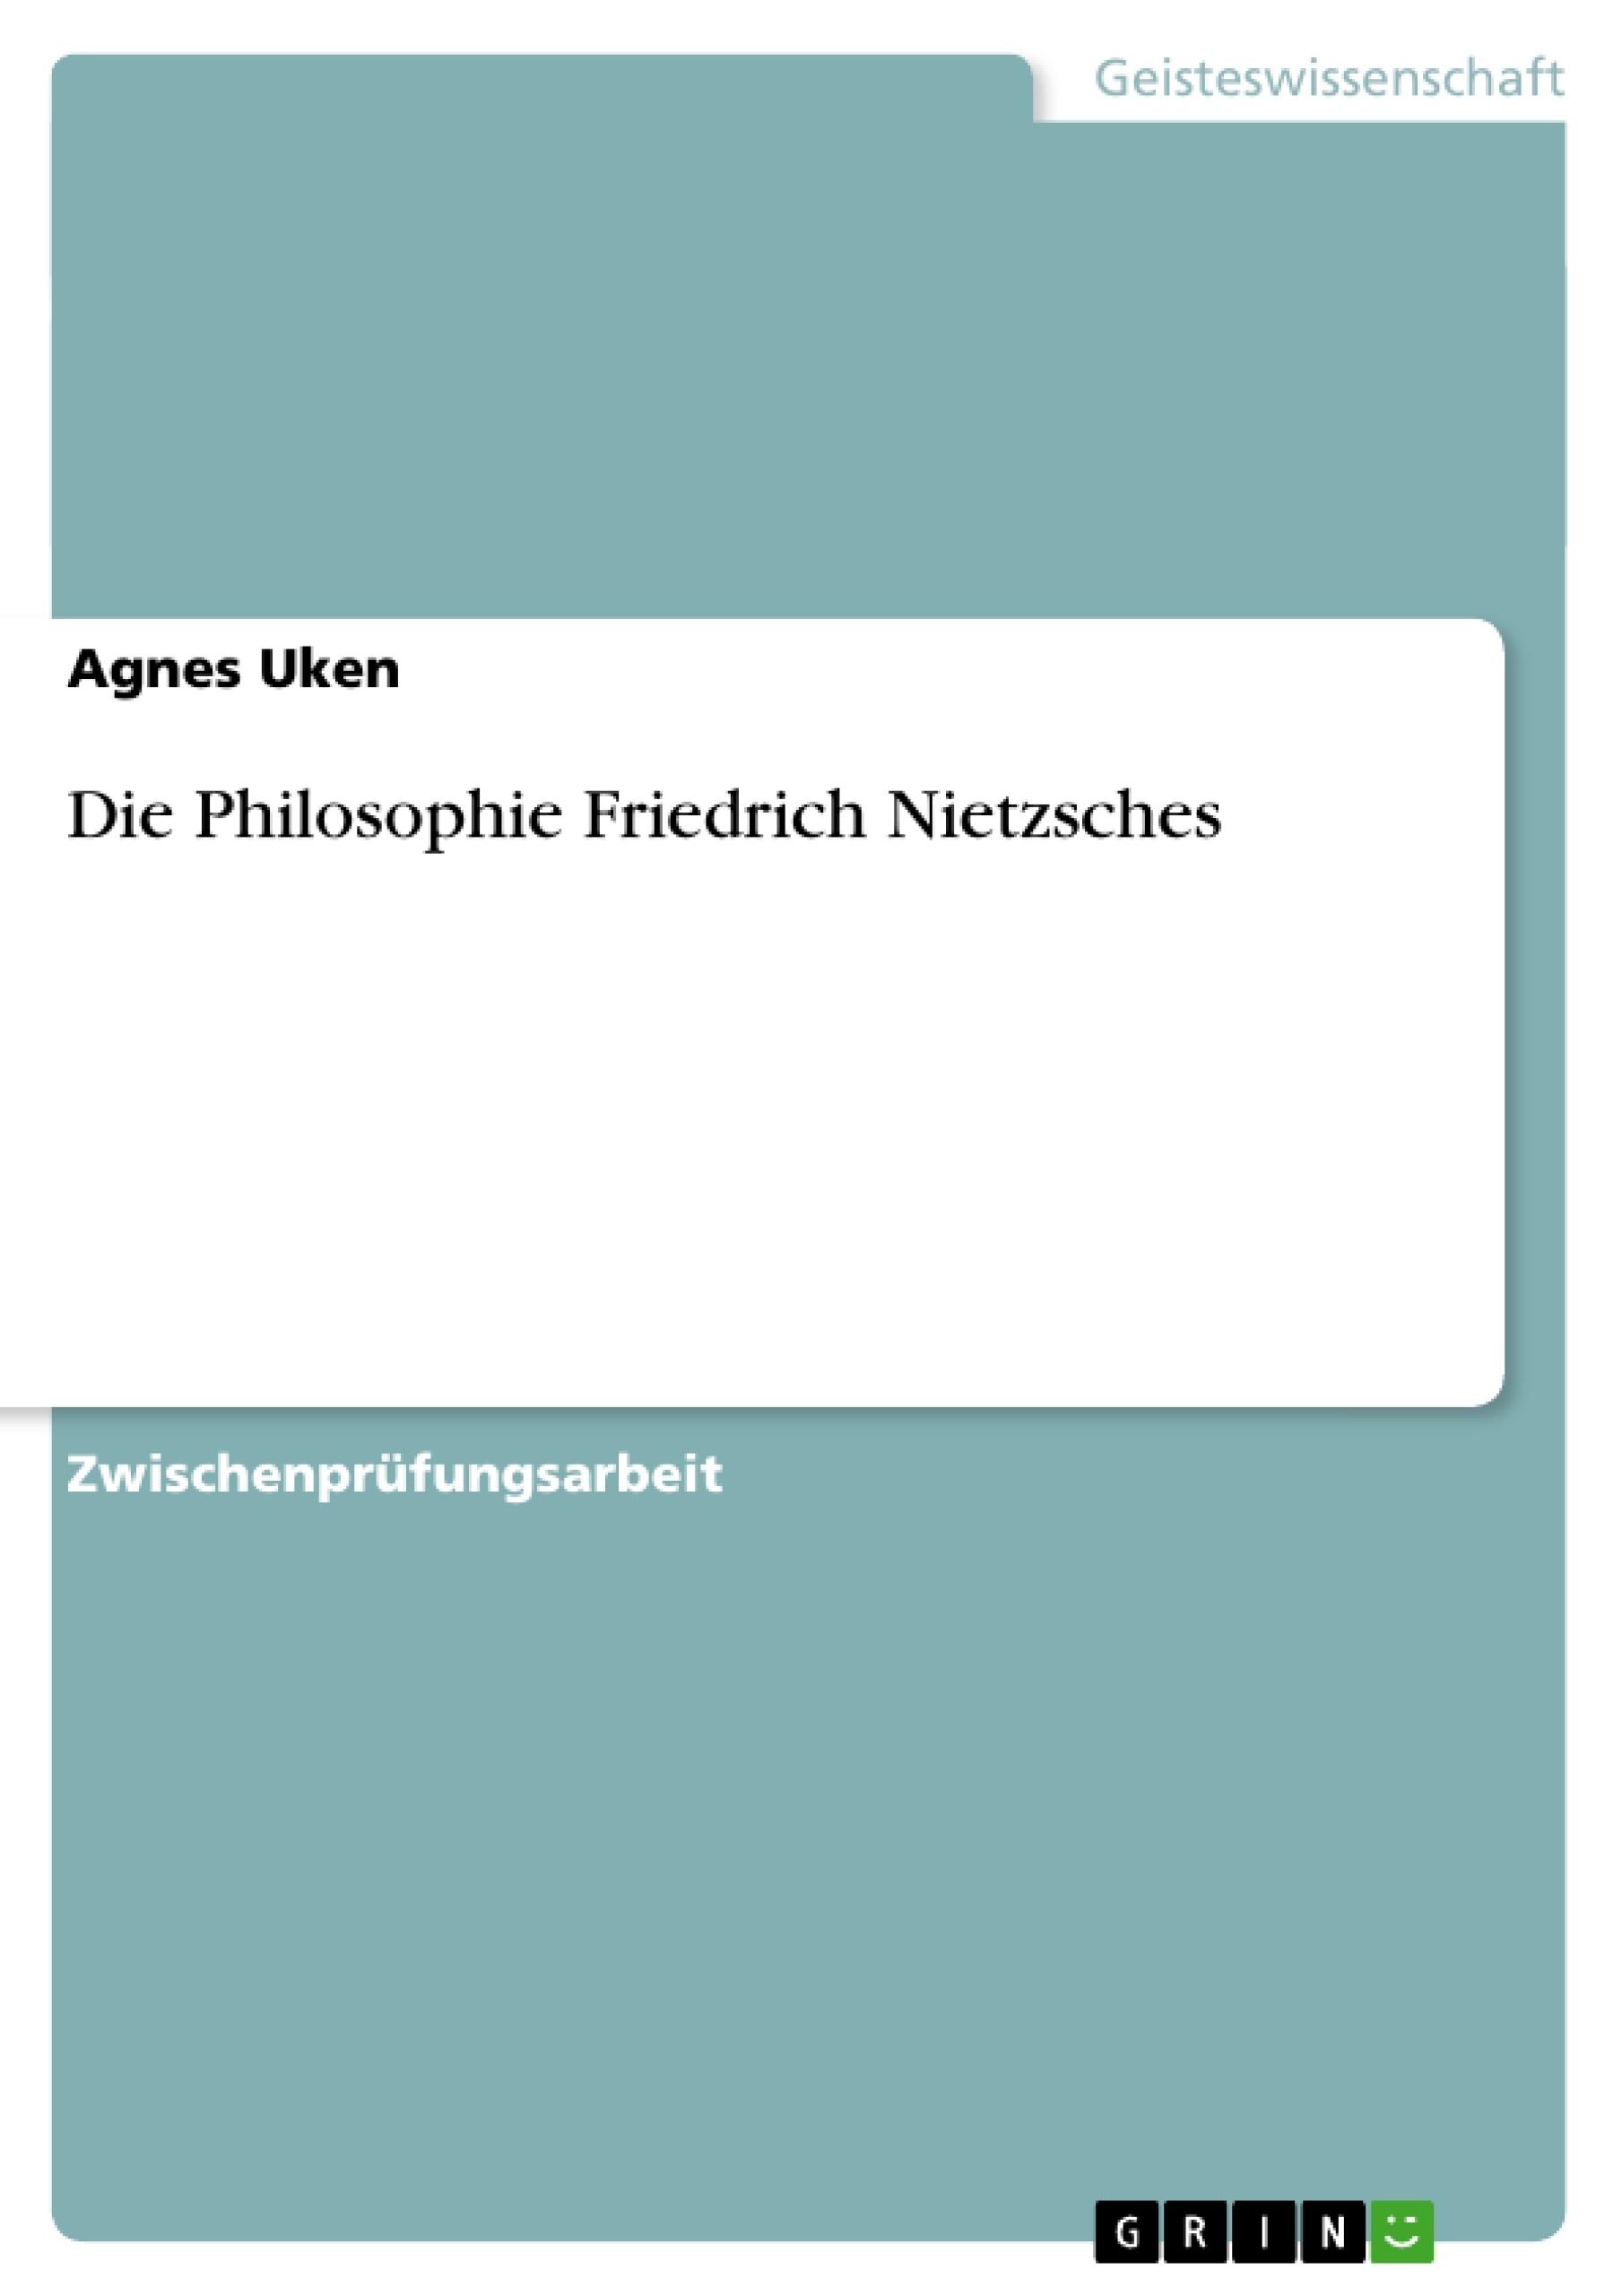 Titel: Die Philosophie Friedrich Nietzsches